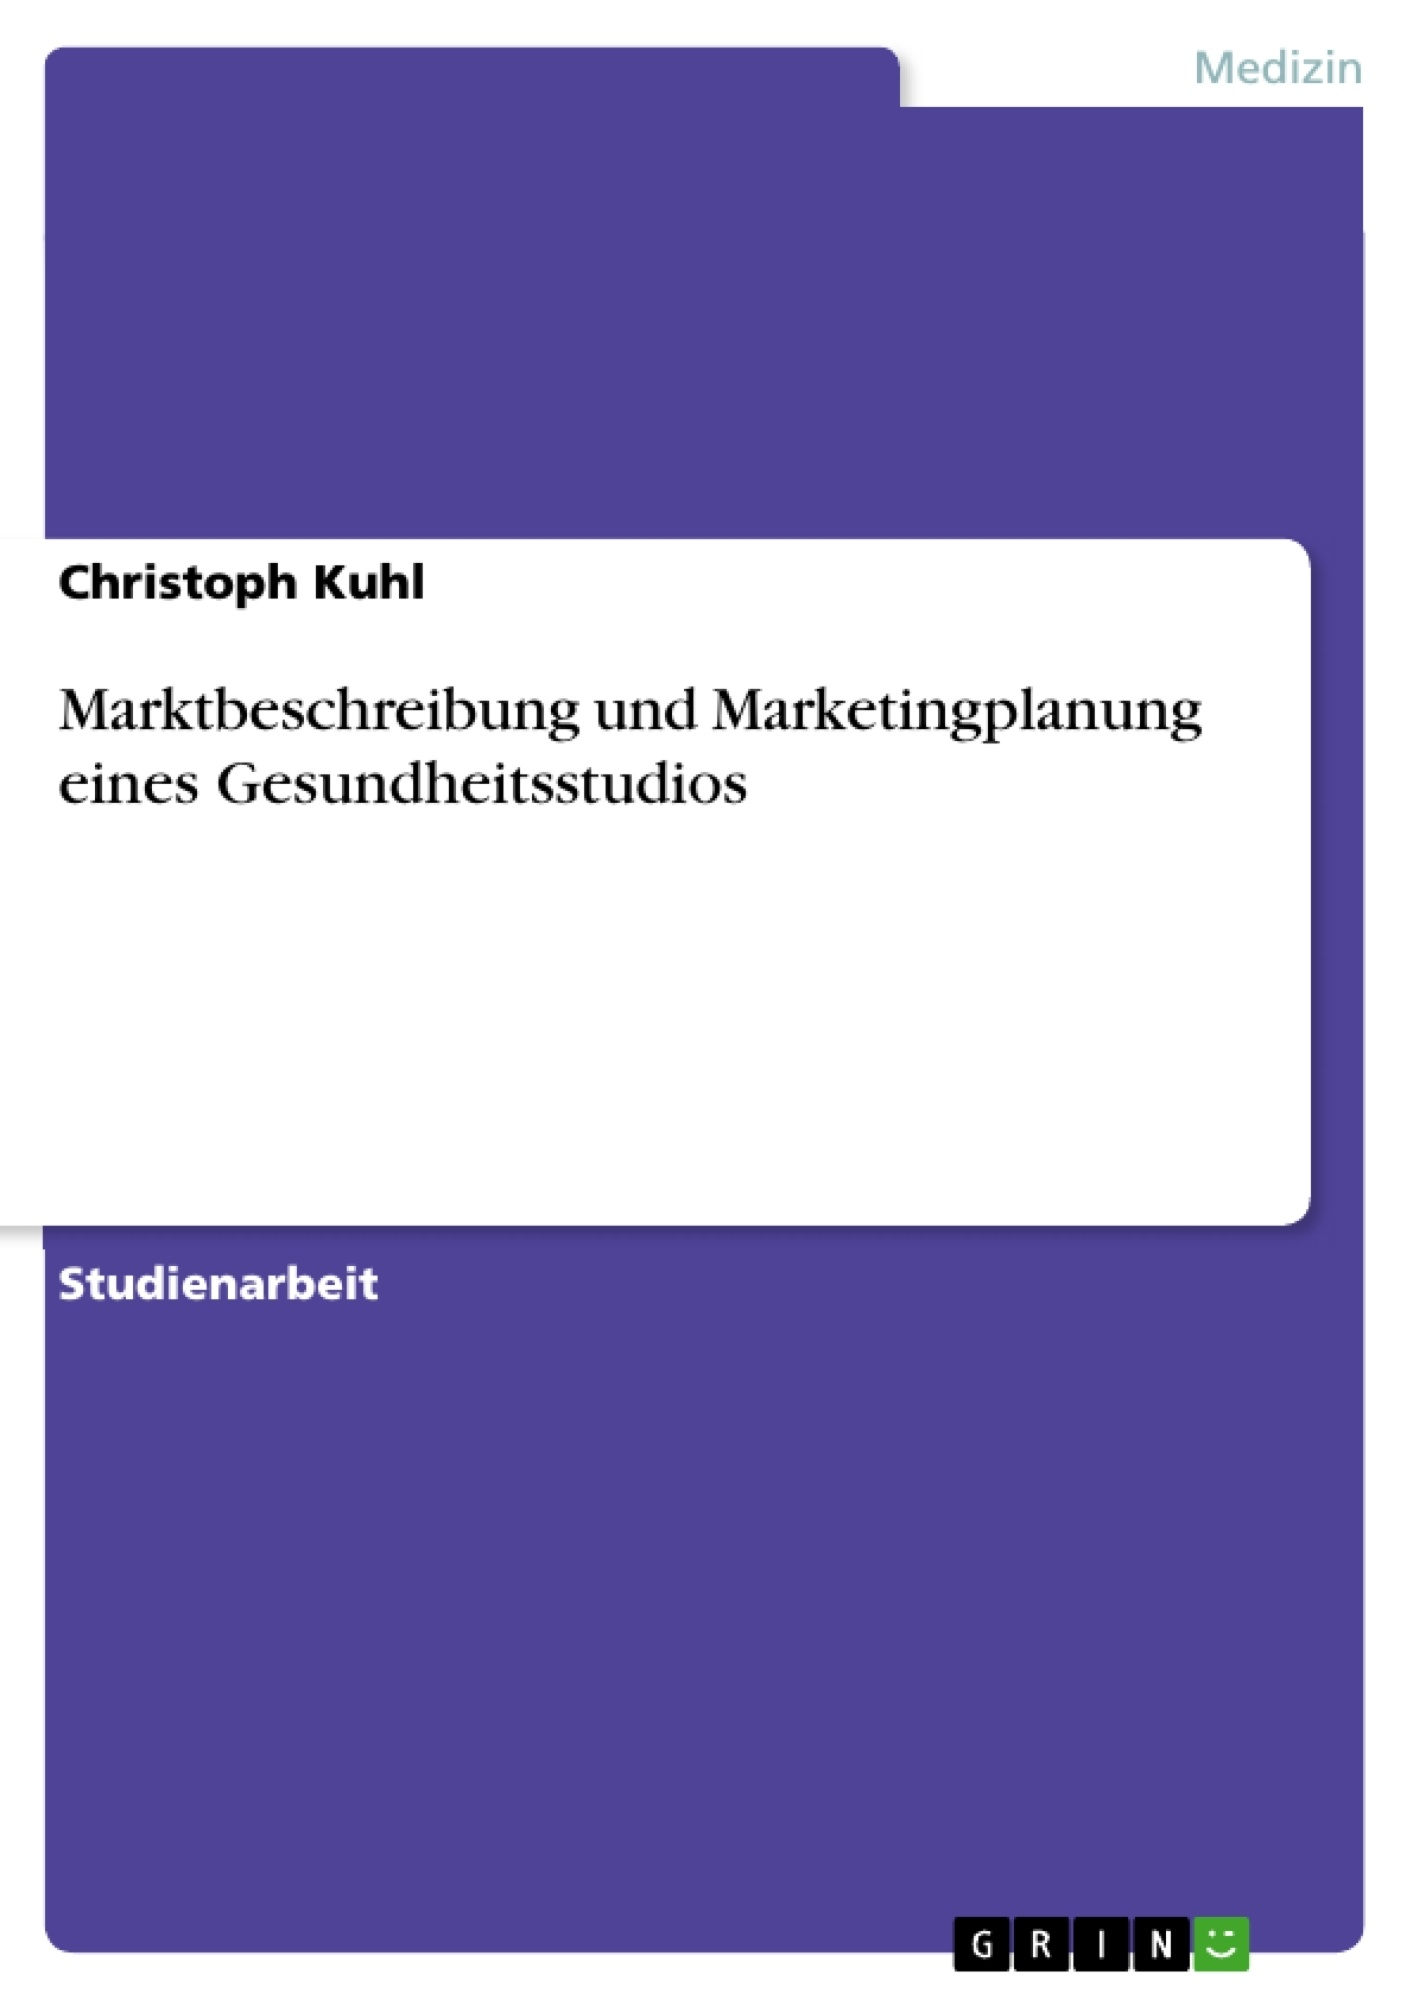 Titel: Marktbeschreibung und  Marketingplanung eines Gesundheitsstudios